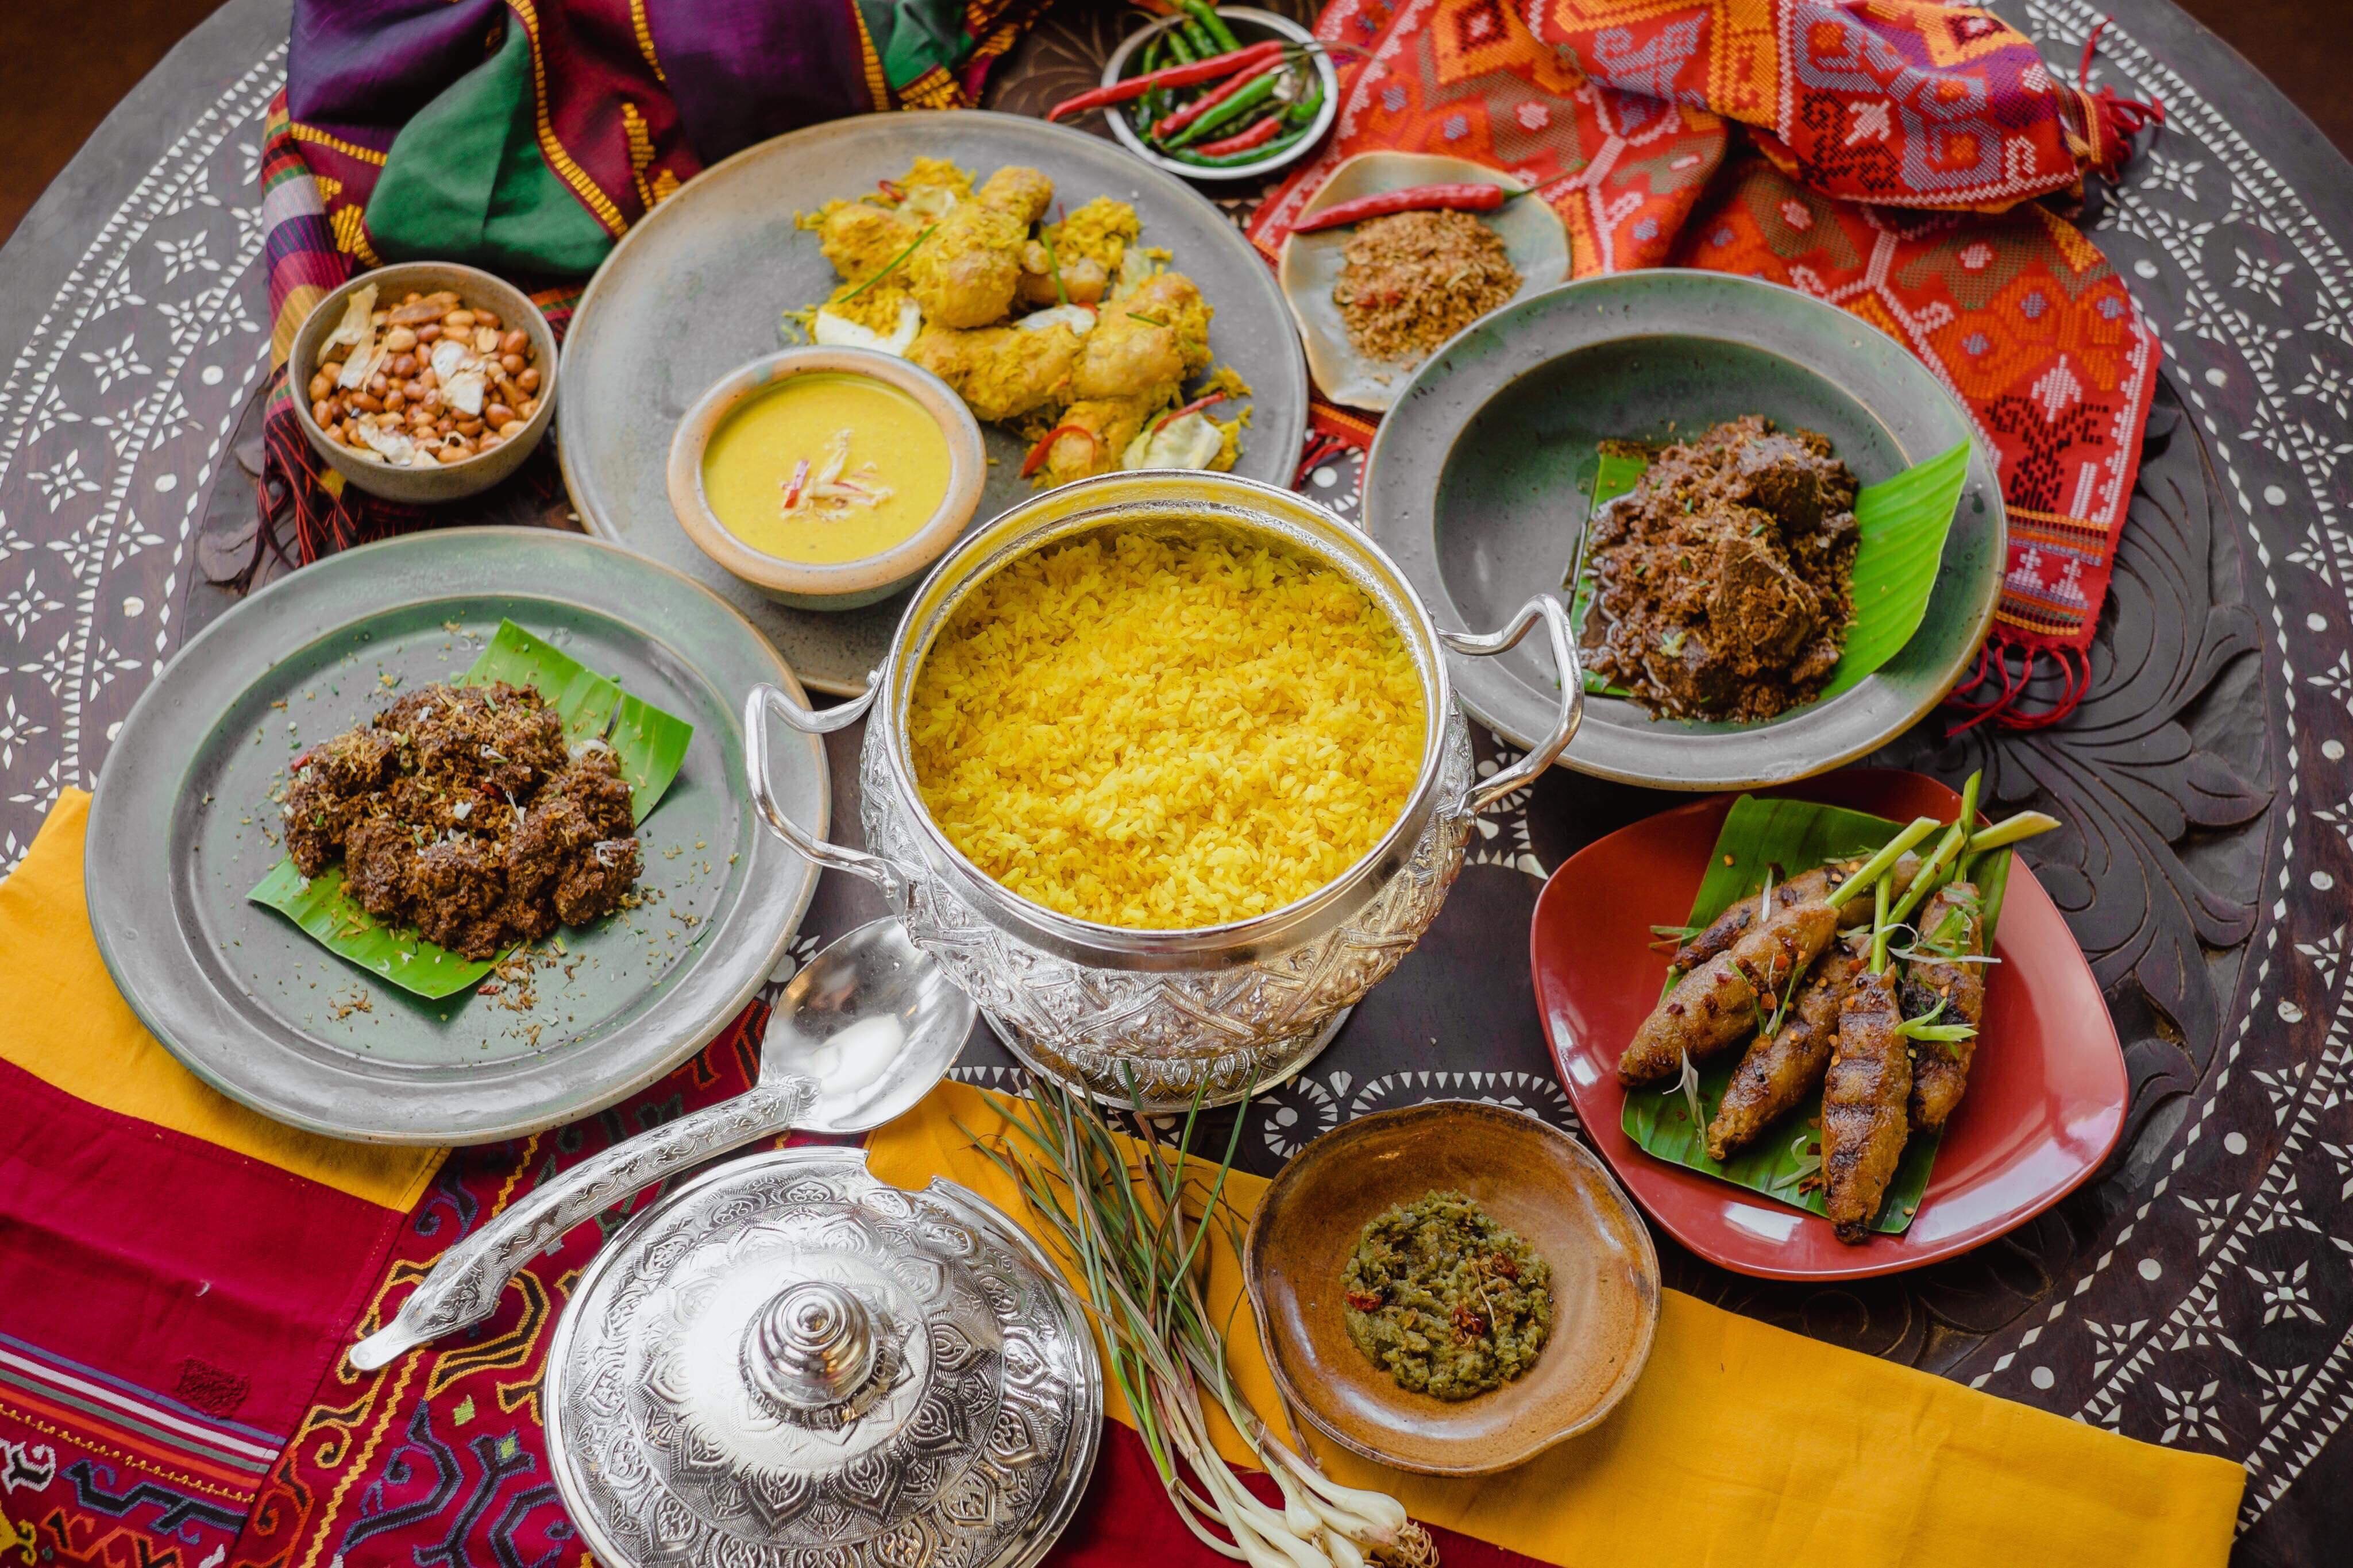 Discover the joy of halal food at Babu Kwan CDO